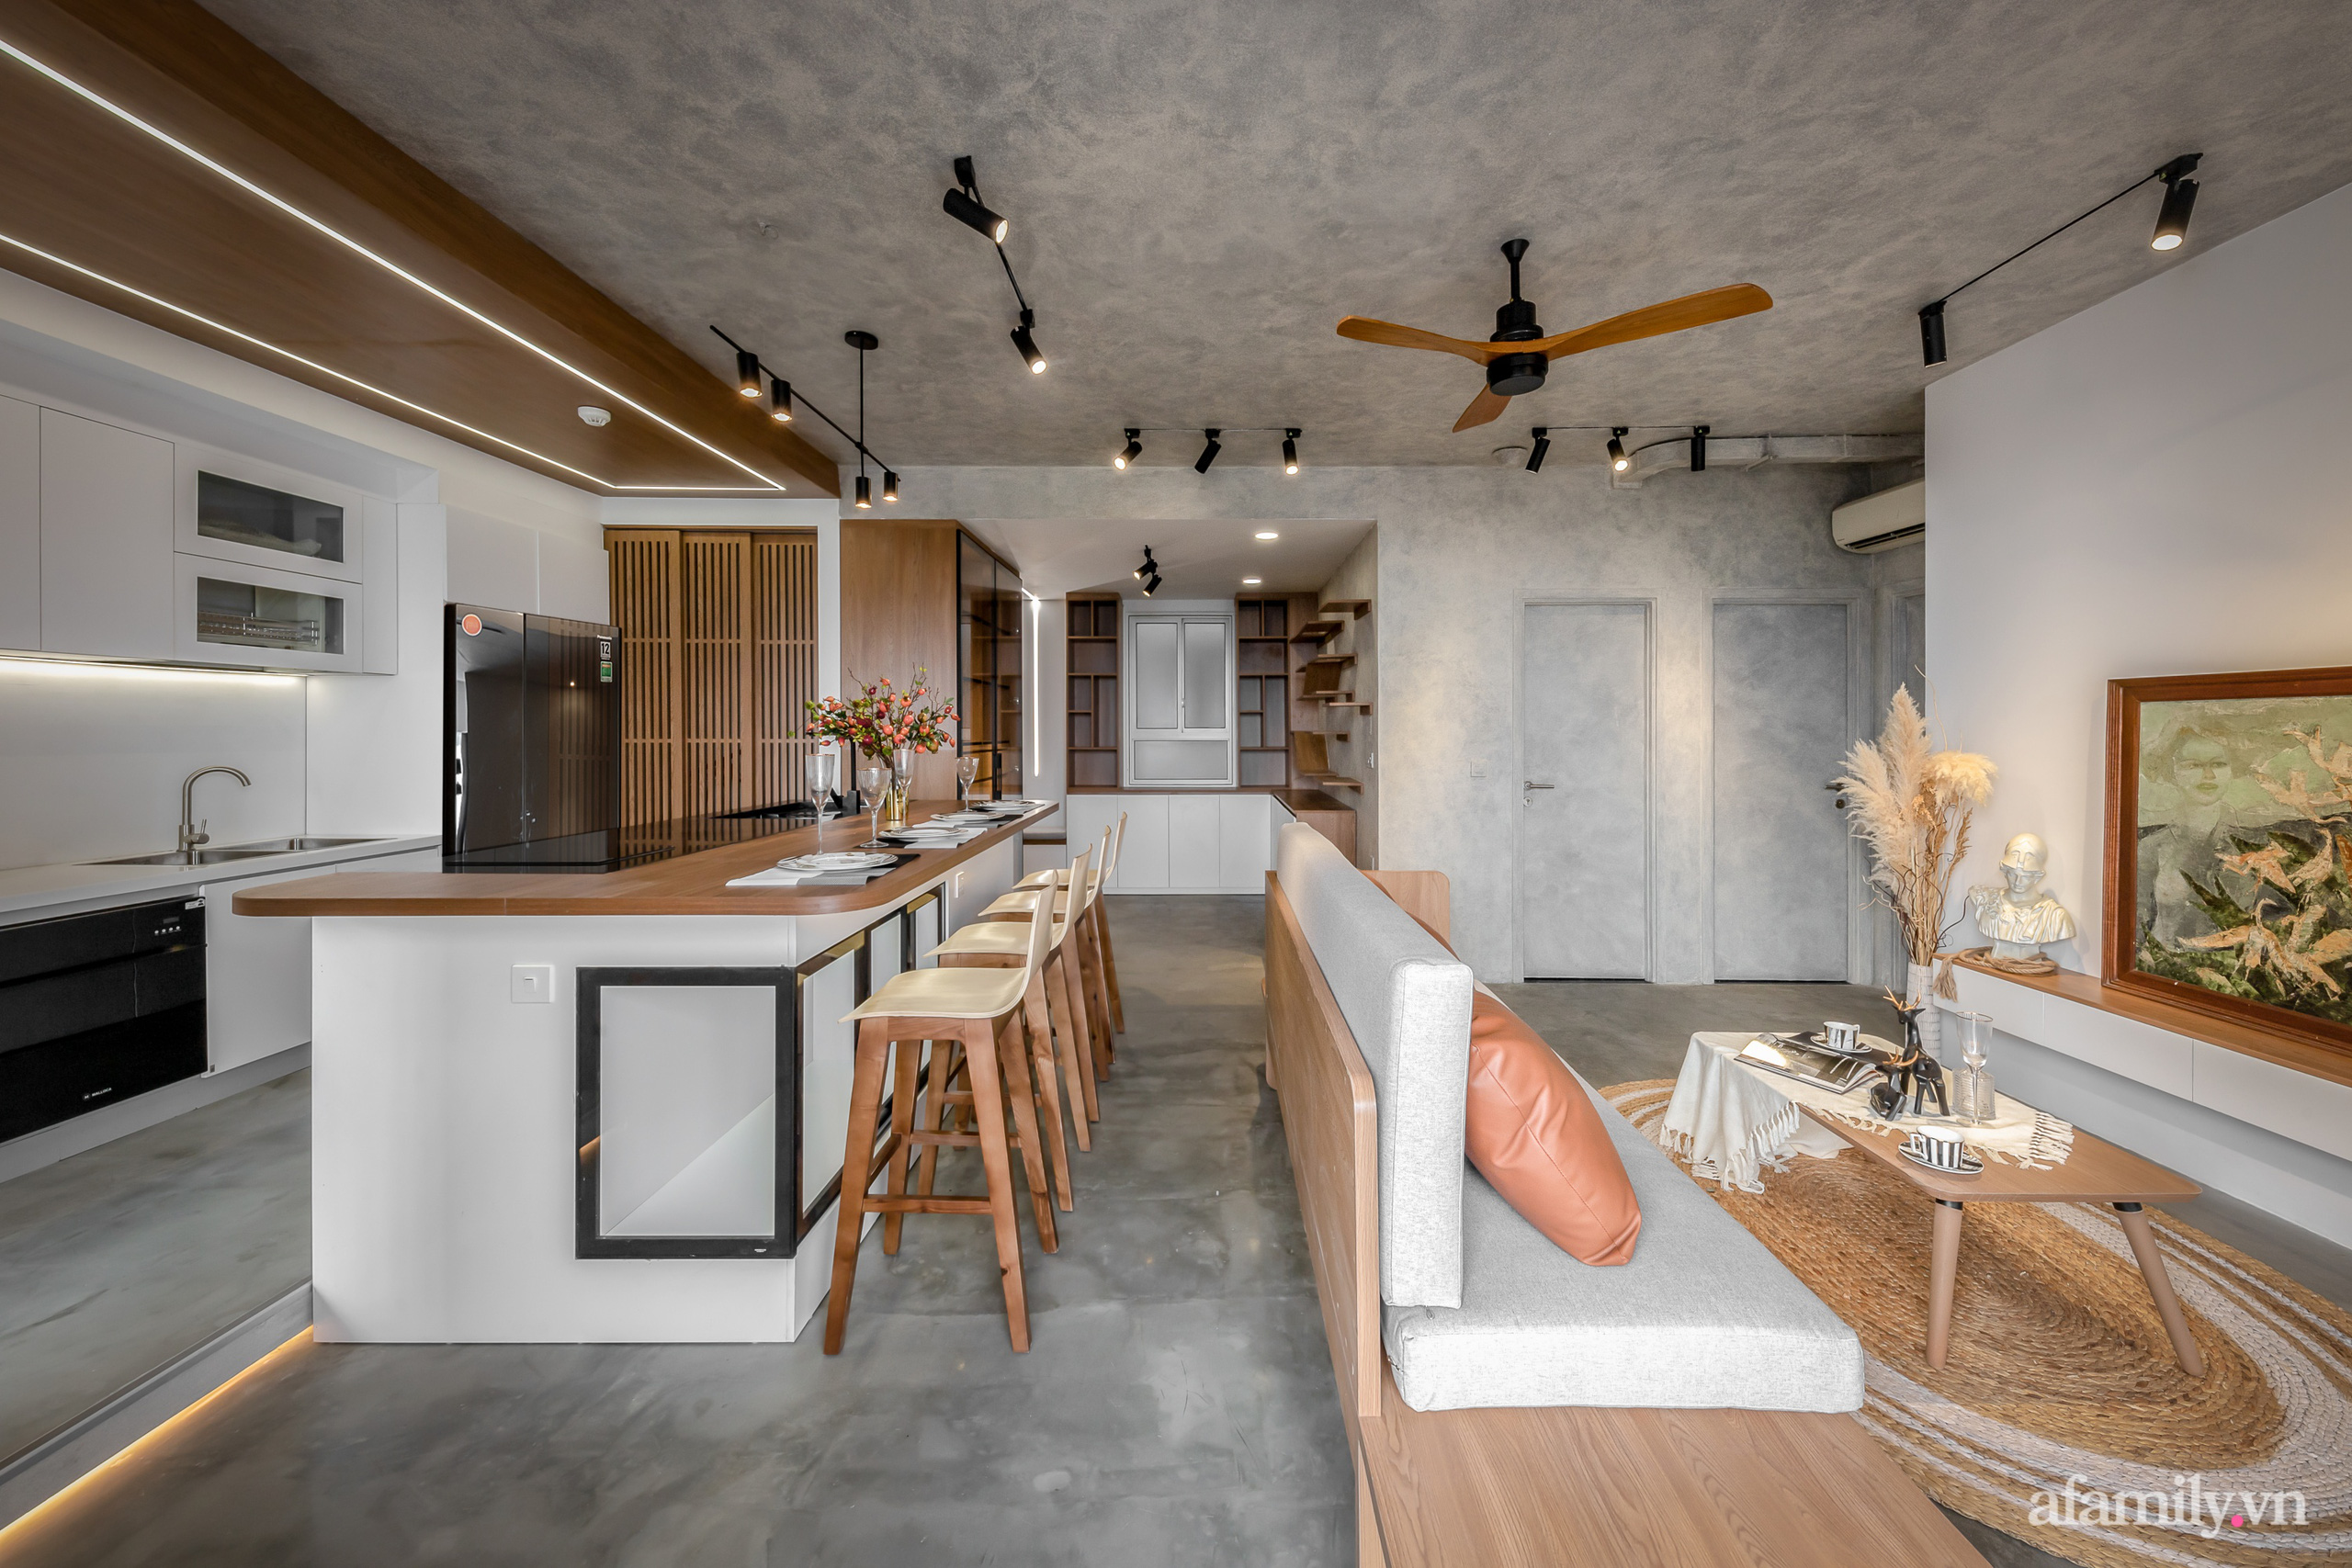 Căn hộ 106m² đẹp cá tính với hiệu ứng bê tông cùng phong cách tối giản có chi phí hoàn thiện 950 triệu đồng ở Sài Gòn - Ảnh 4.